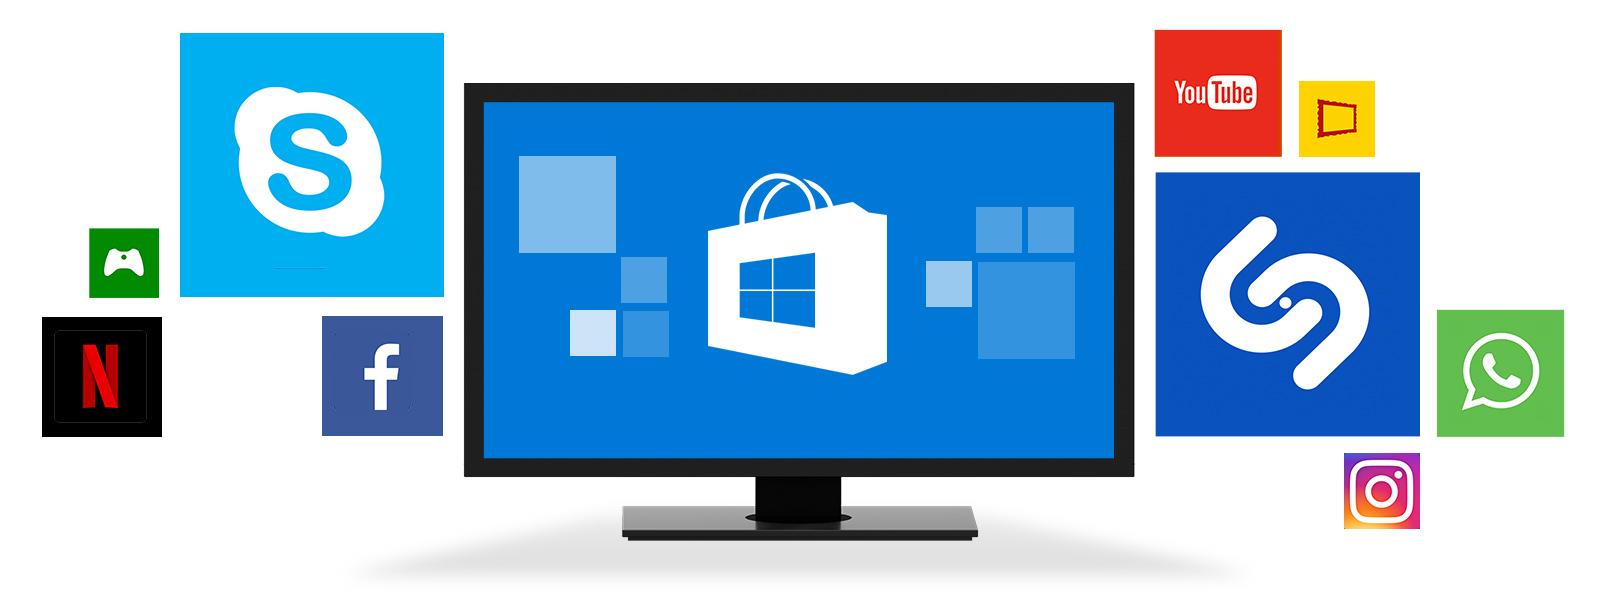 Ứng dụng Universal hay và miễn phí tháng 4/2017 cho Windows 10